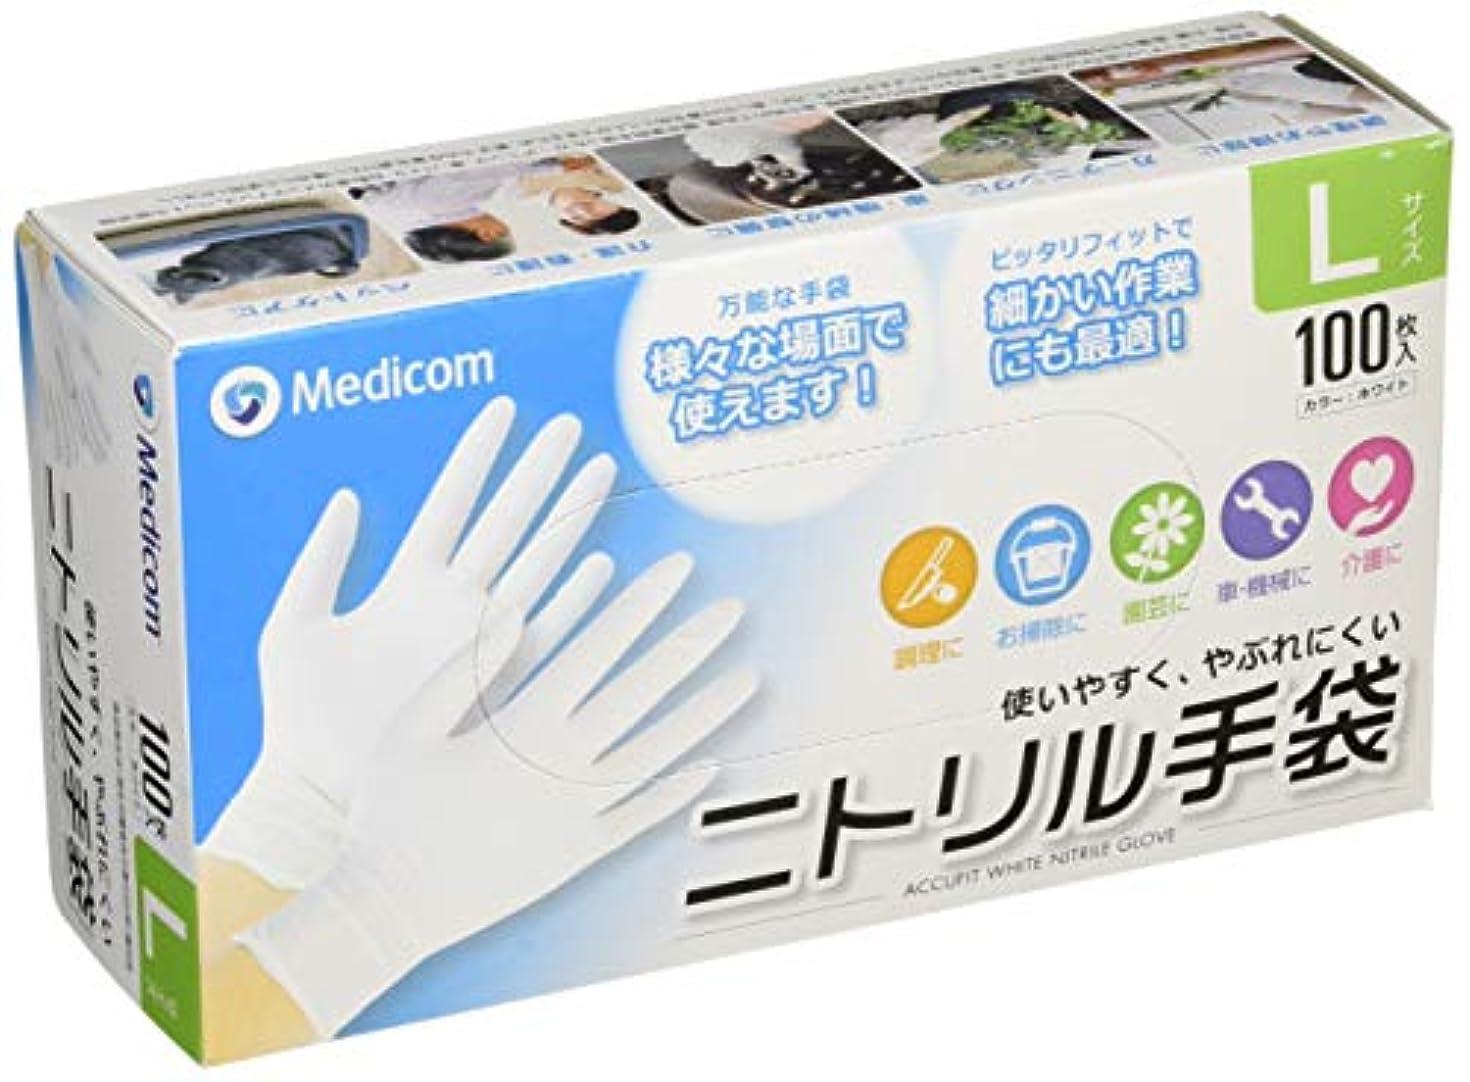 オート延期する破壊的【Amazon.co.jp 限定】アキュフィット ホワイト ニトリル手袋 Lサイズ ACFJN1284D